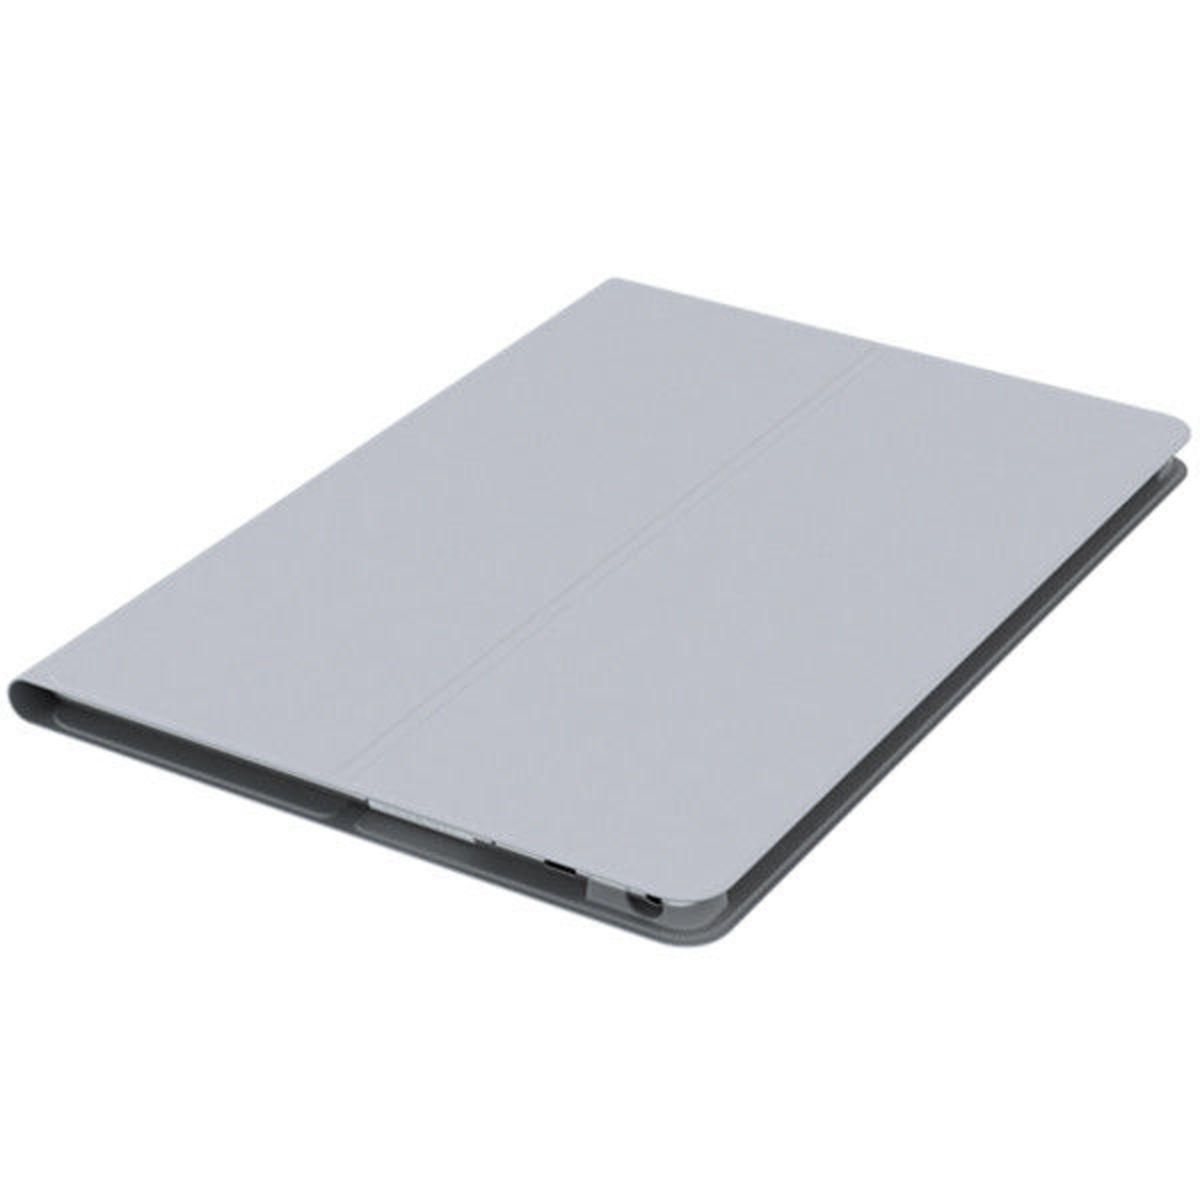 Tab 4 10 保護套及保護貼套裝 灰色